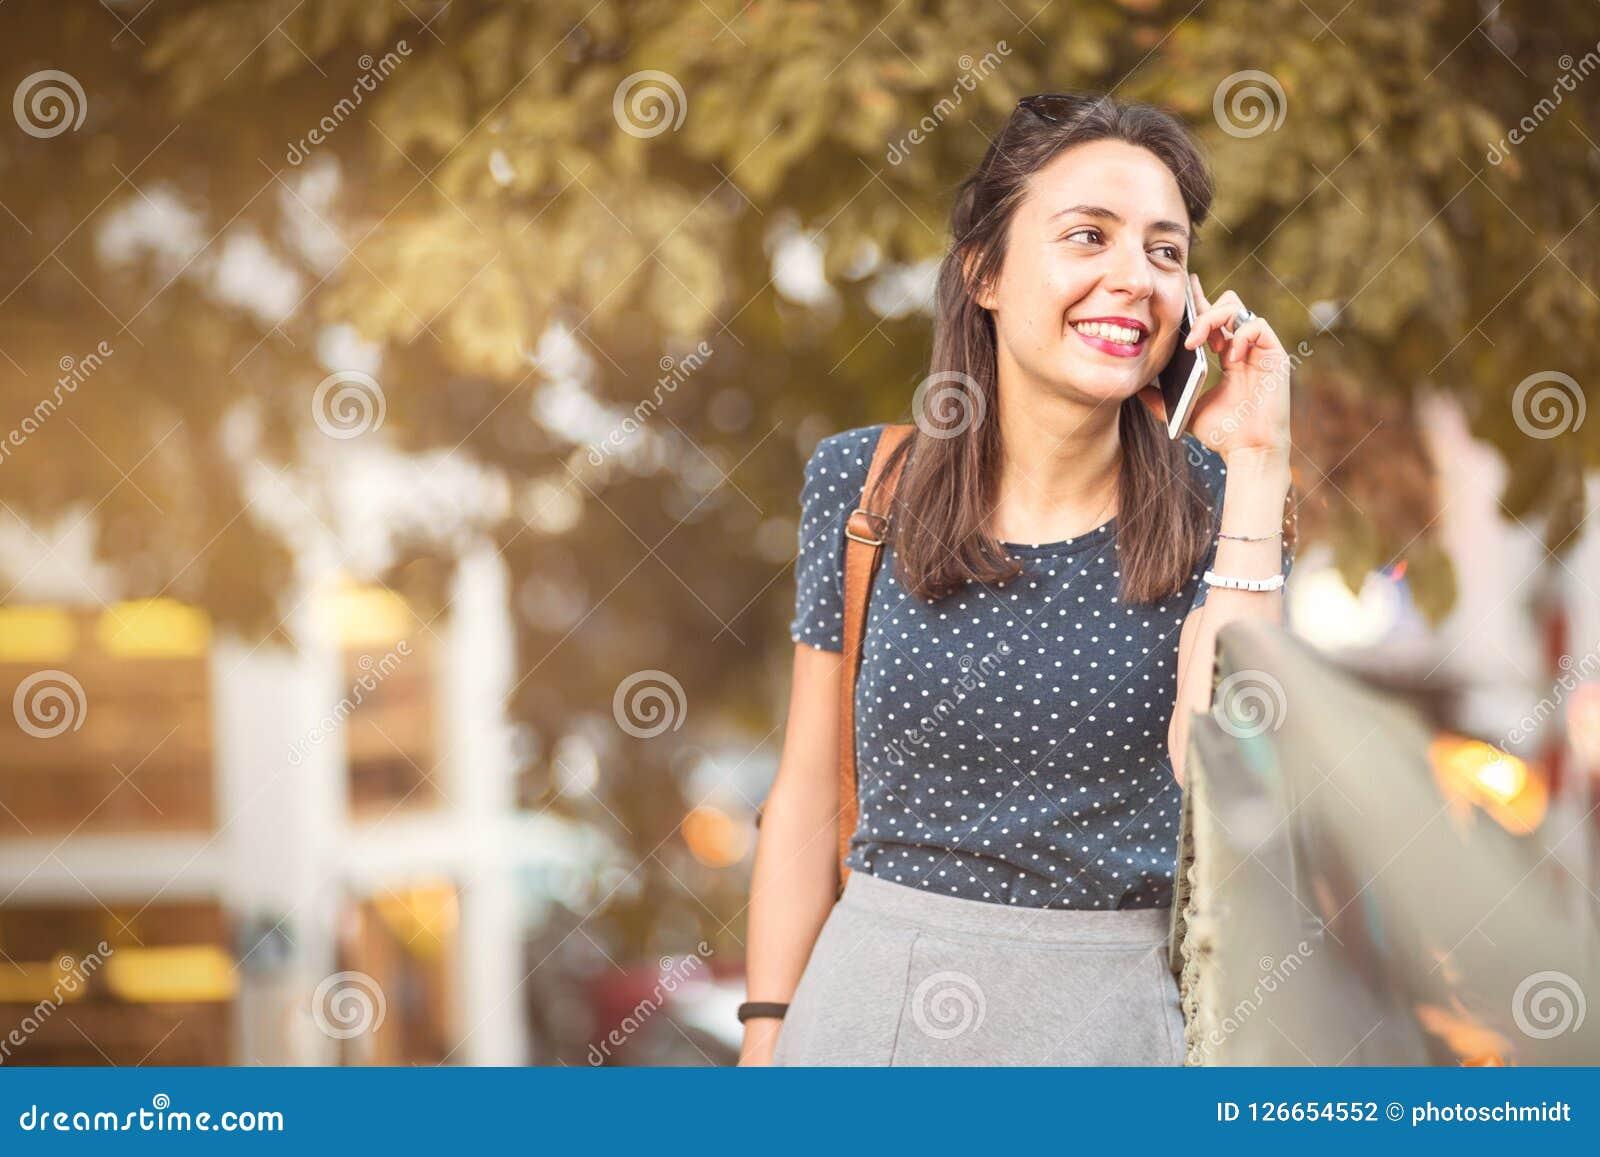 Jonge, gelukkige vrouw die aan een celtelefoongesprek luisteren